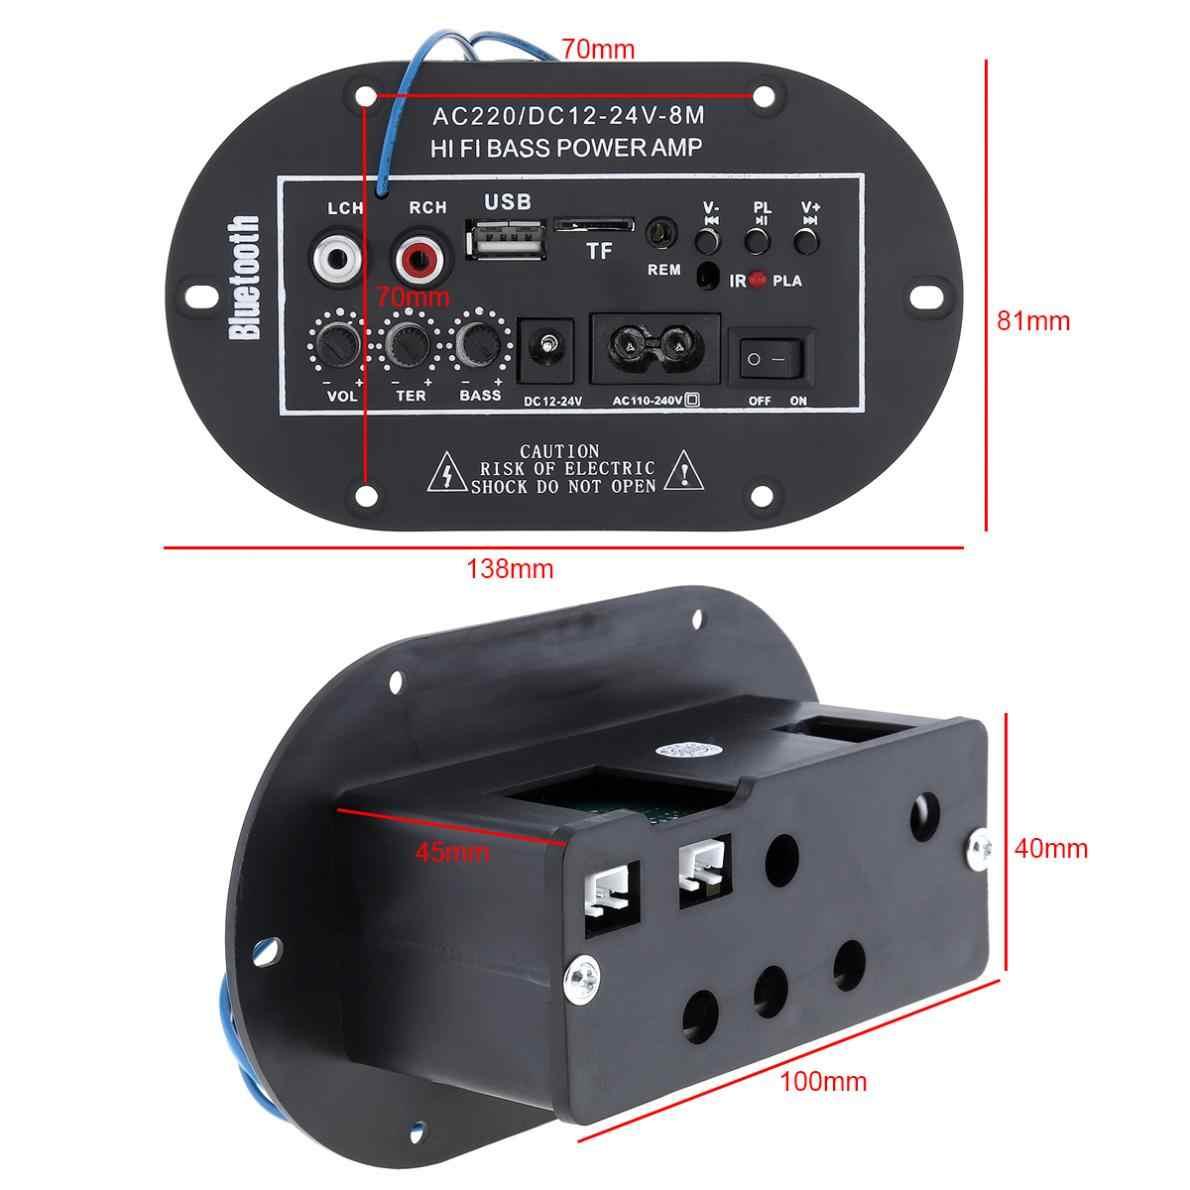 8 Polegada 25 w bulit-in hi-fi bluetooth amplificador de potência de áudio do carro fm player de rádio suporte/sd/usb/dvd/mp3 entrada para carro/motocicleta